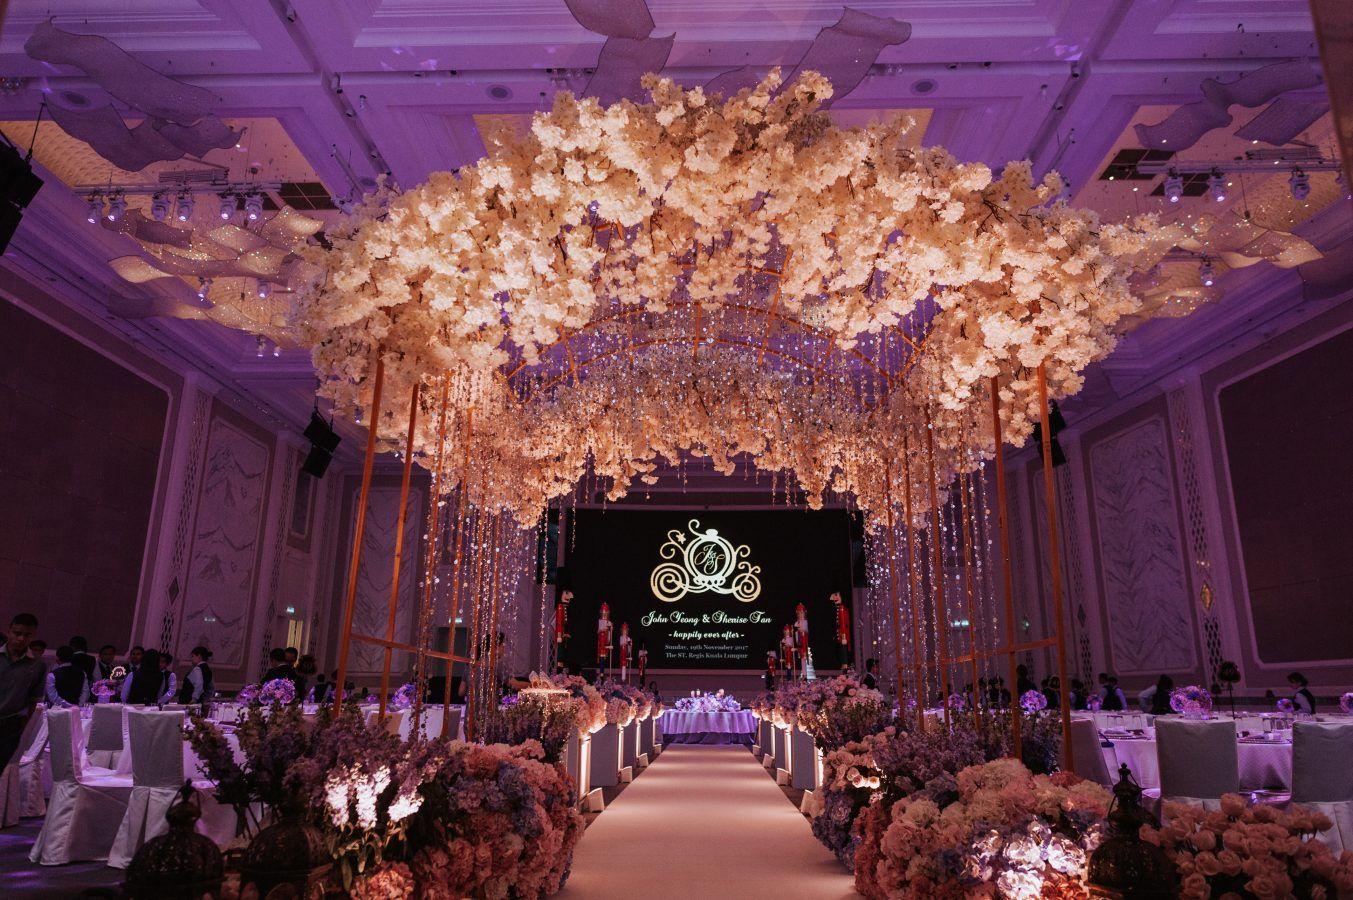 Weddingdecor Wedding Decor In Malaysia From Sherrise And John Photo